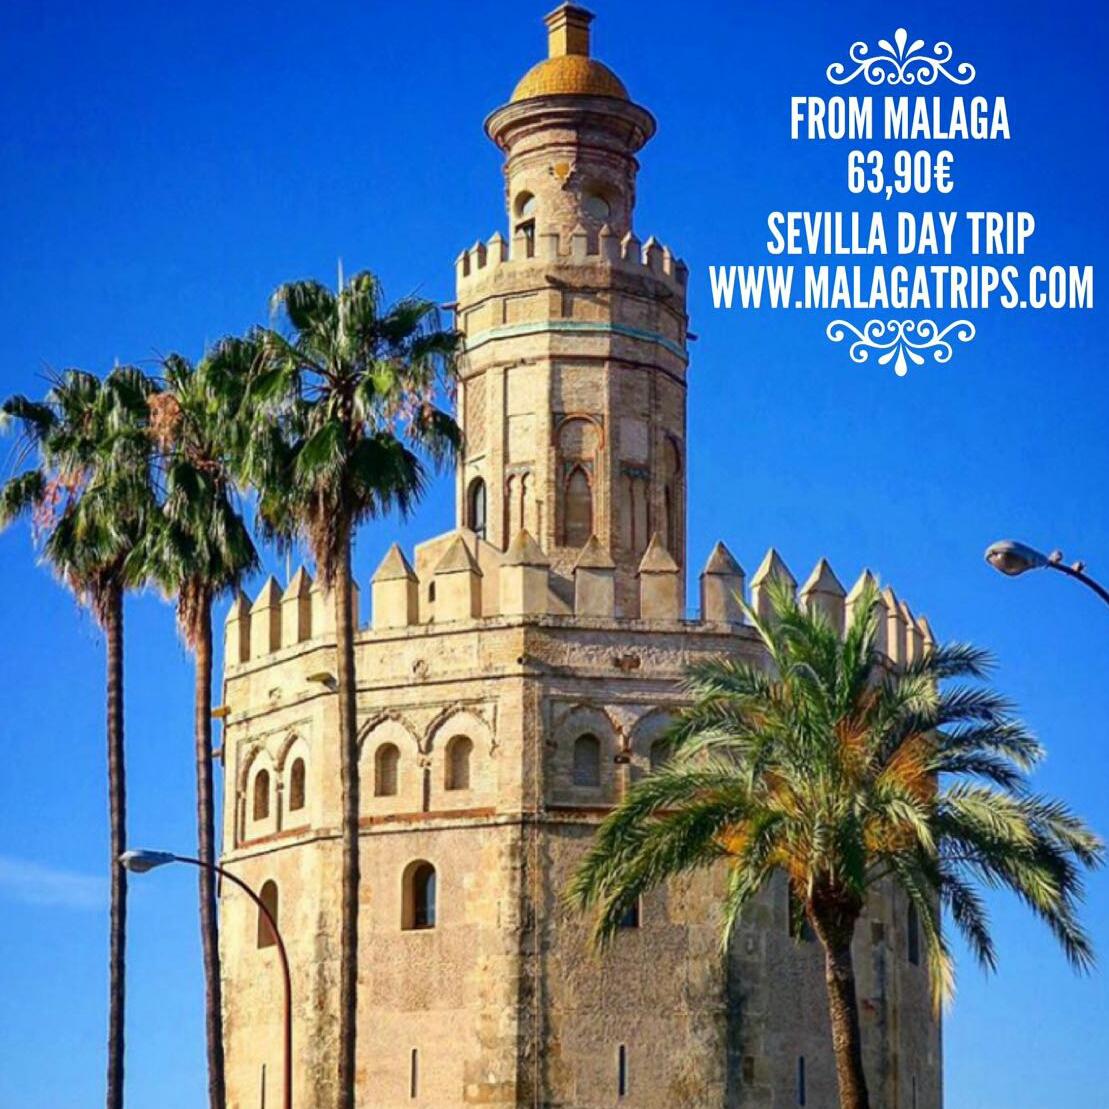 Excursión a Sevilla & La Giralda